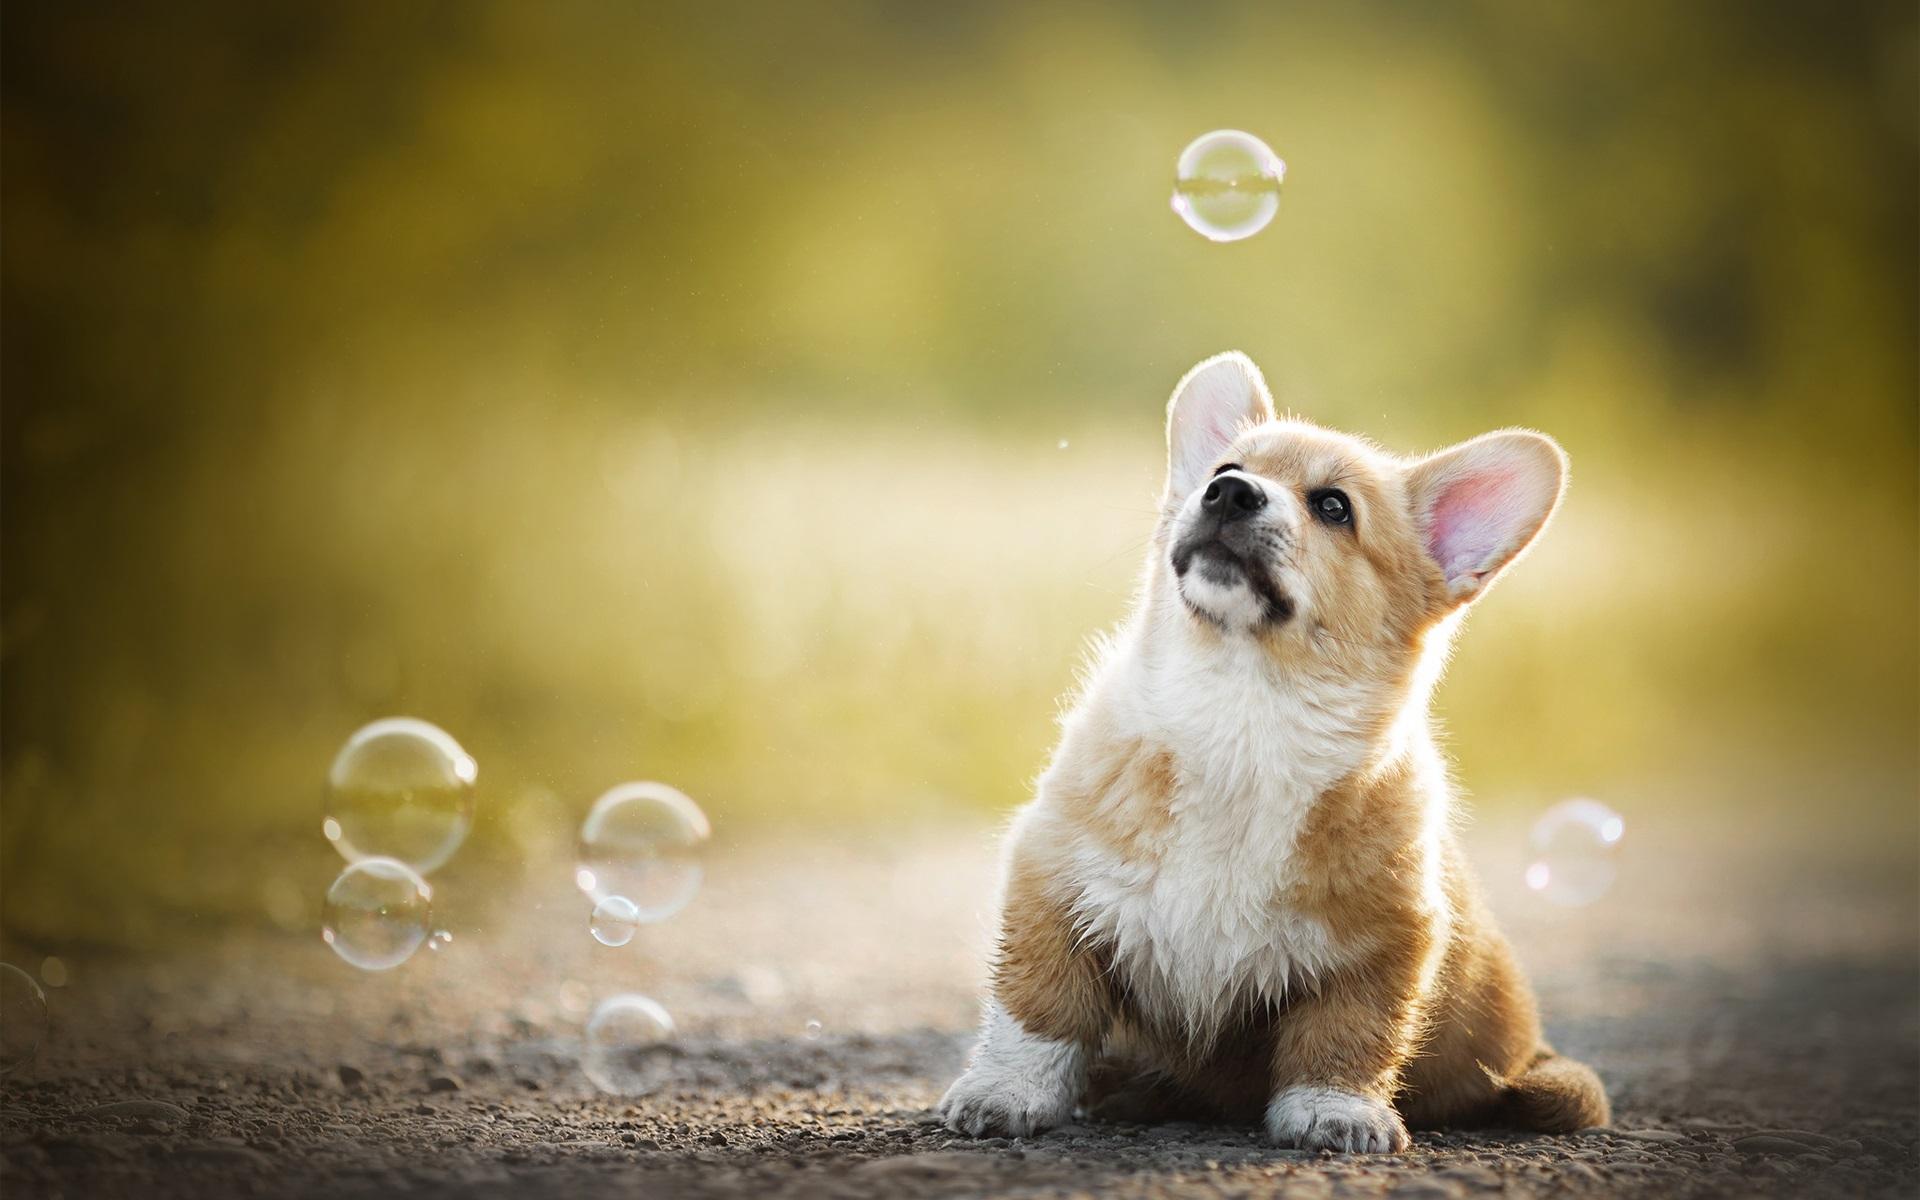 ウェールズコーギー 犬の遊びの泡 640x1136 Iphone 5 5s 5c Se 壁紙 背景 画像